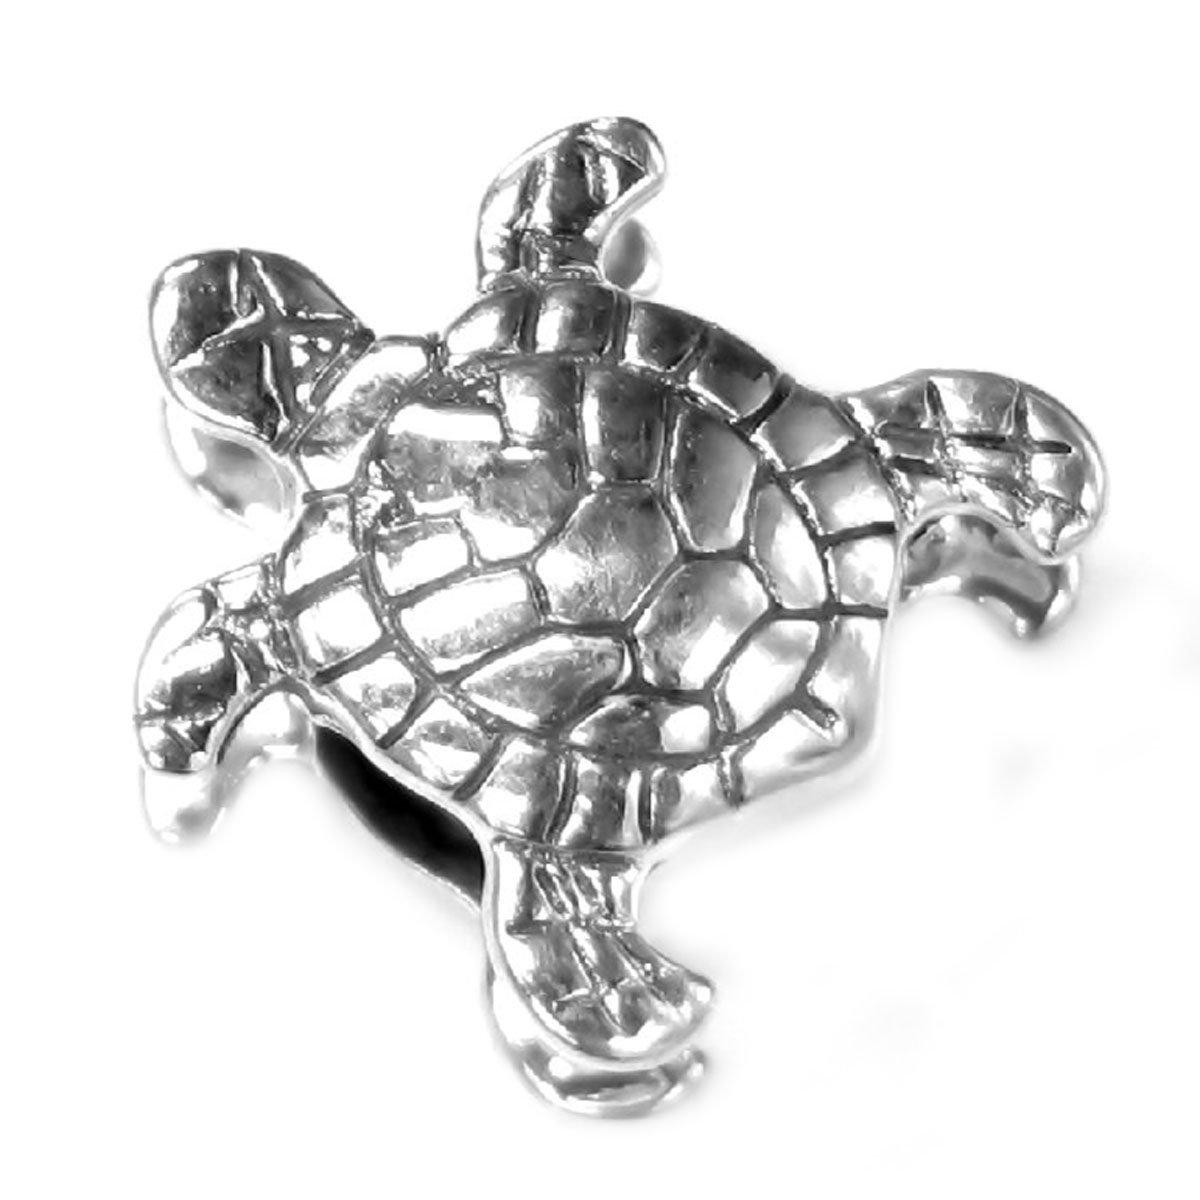 Breloque en forme de tortue aquatique, en argent massif - Pour bracelets à breloques européens Queenberry PA1832X1